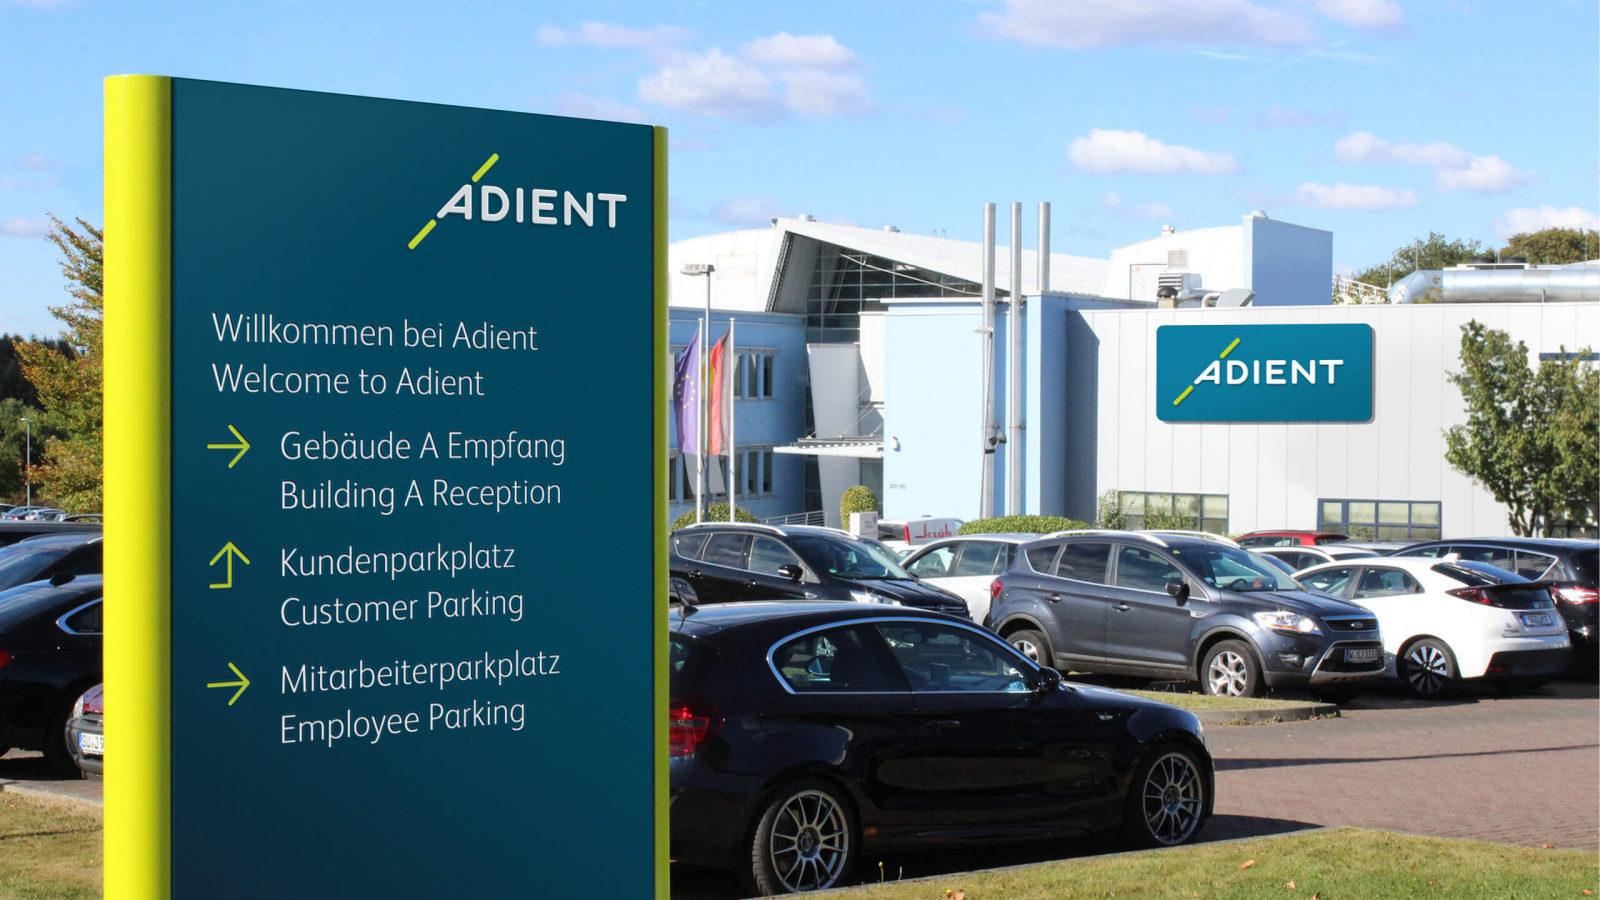 پروژههای موفق Uniview: نصب دوربین مداربسته در کارخانه ADIENT اسلواکی